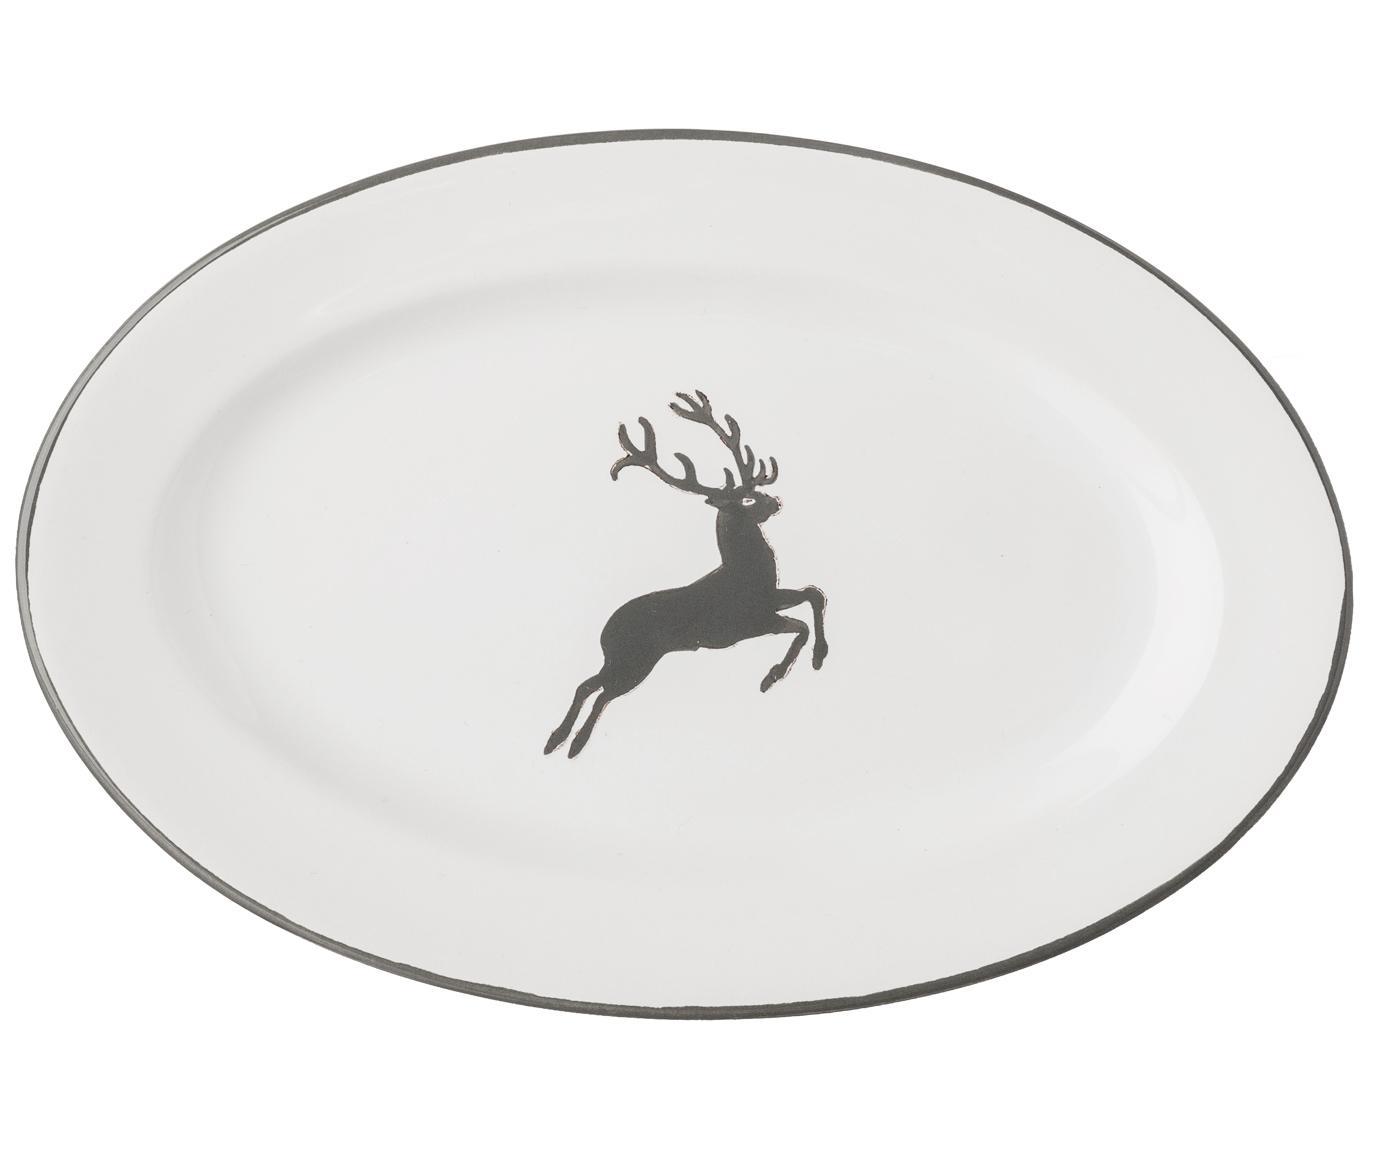 Handbemalte Servierplatte Gourmet Grauer Hirsch, Keramik, Grau,Weiß, 21 x 14 cm